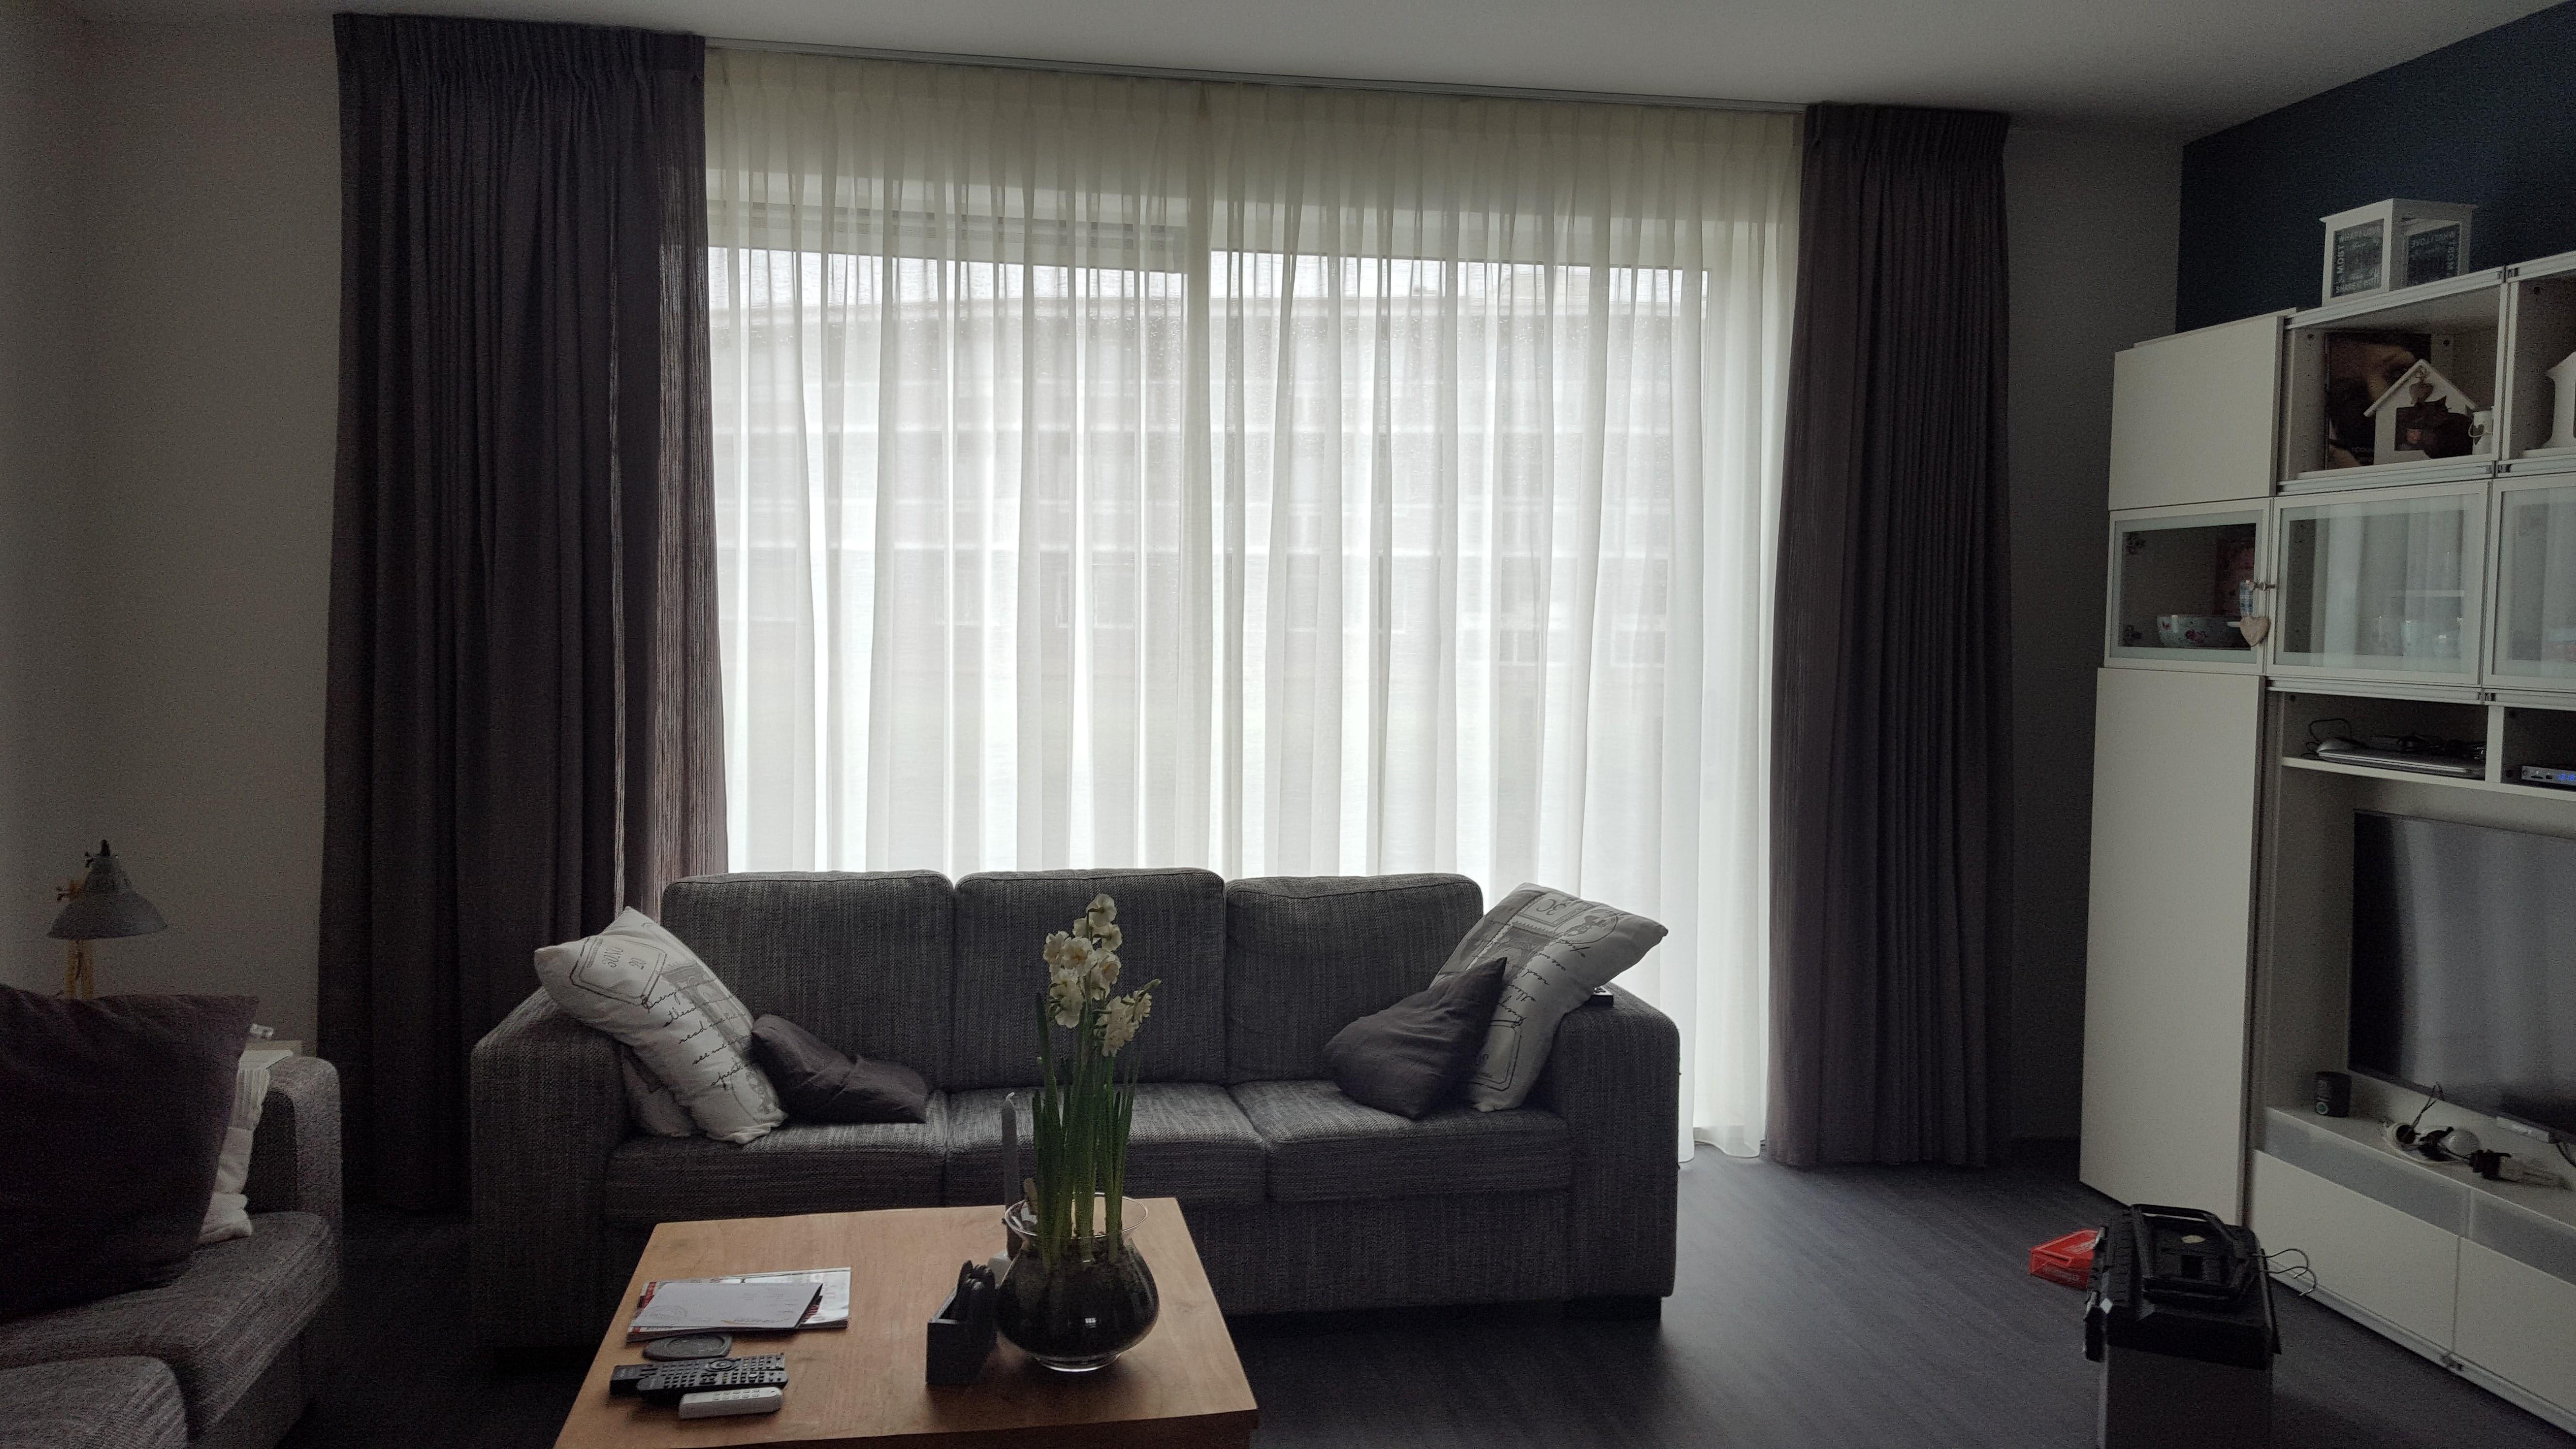 Gordijnen Heerenveen - Wij komen gratis en vrijblijvend bij u thuis!